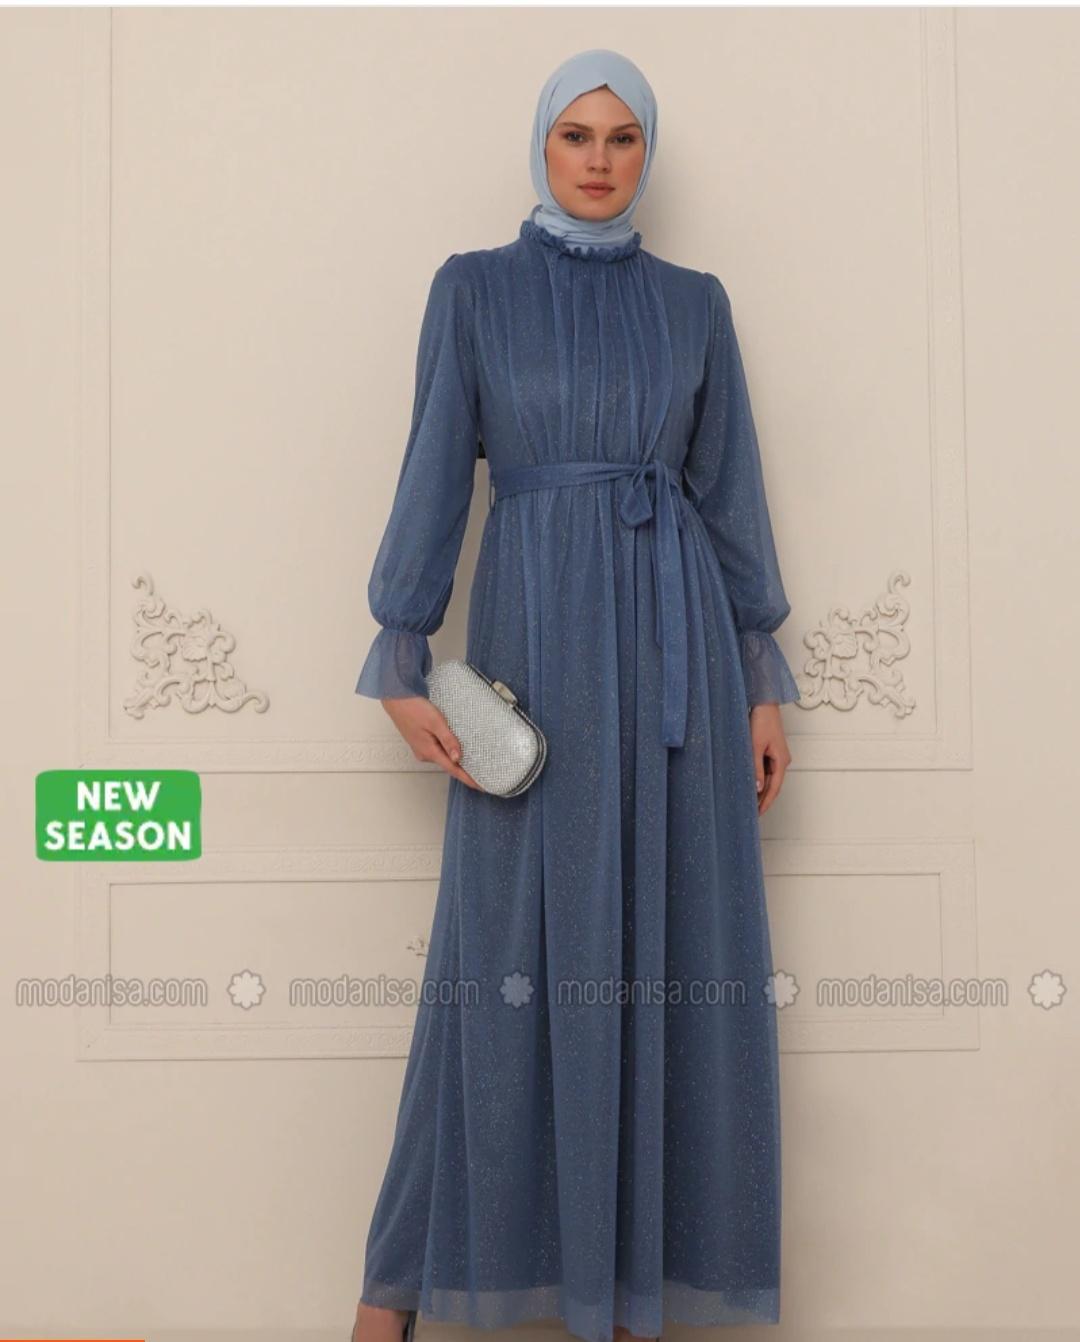 hijab pour soirée